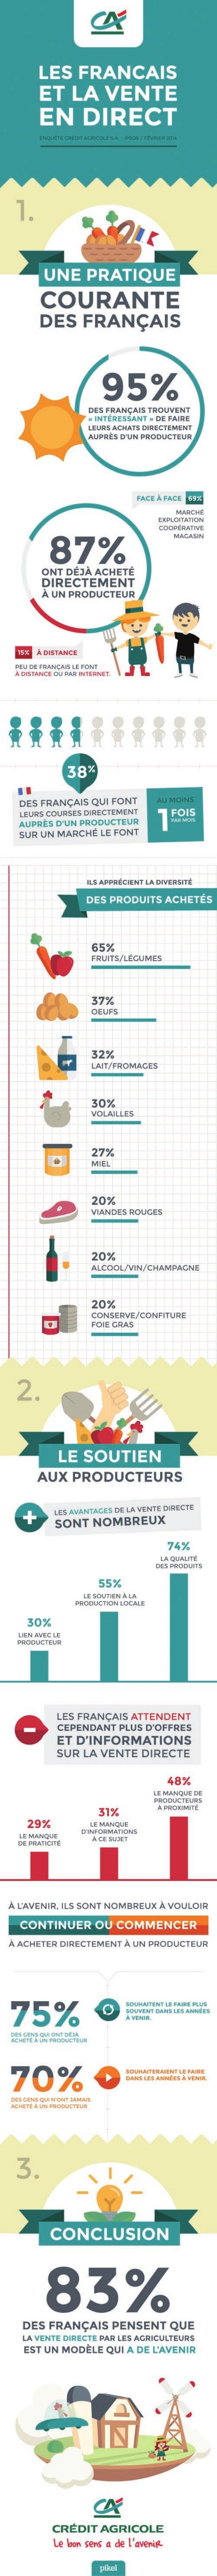 Les Français et la vente directe - Etude Crédit Agricole / IPSOS